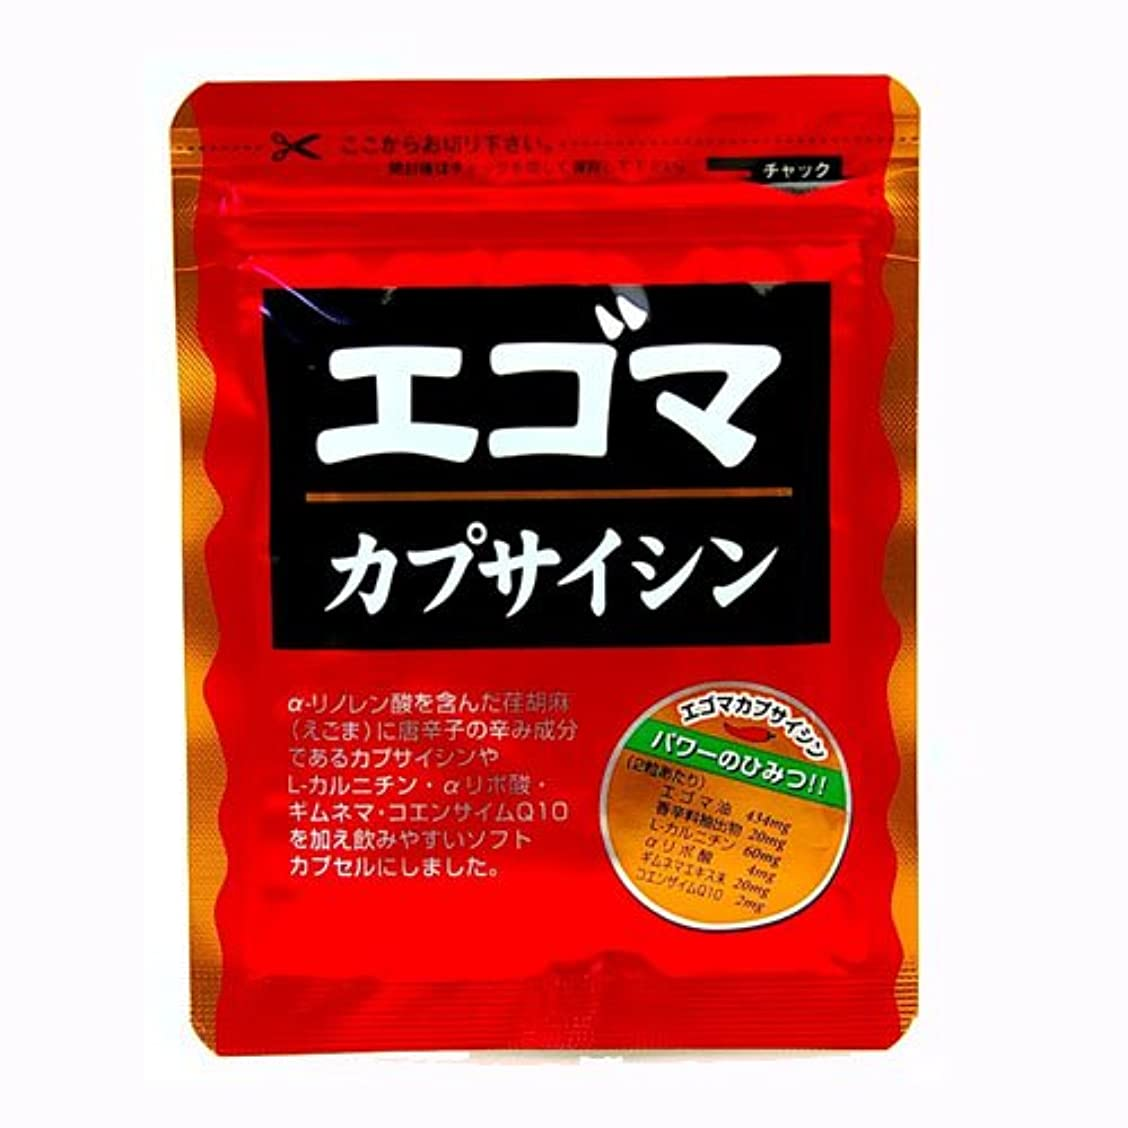 食事クリープはさみエゴマカプサイシン 27.6g(460mgx60粒)